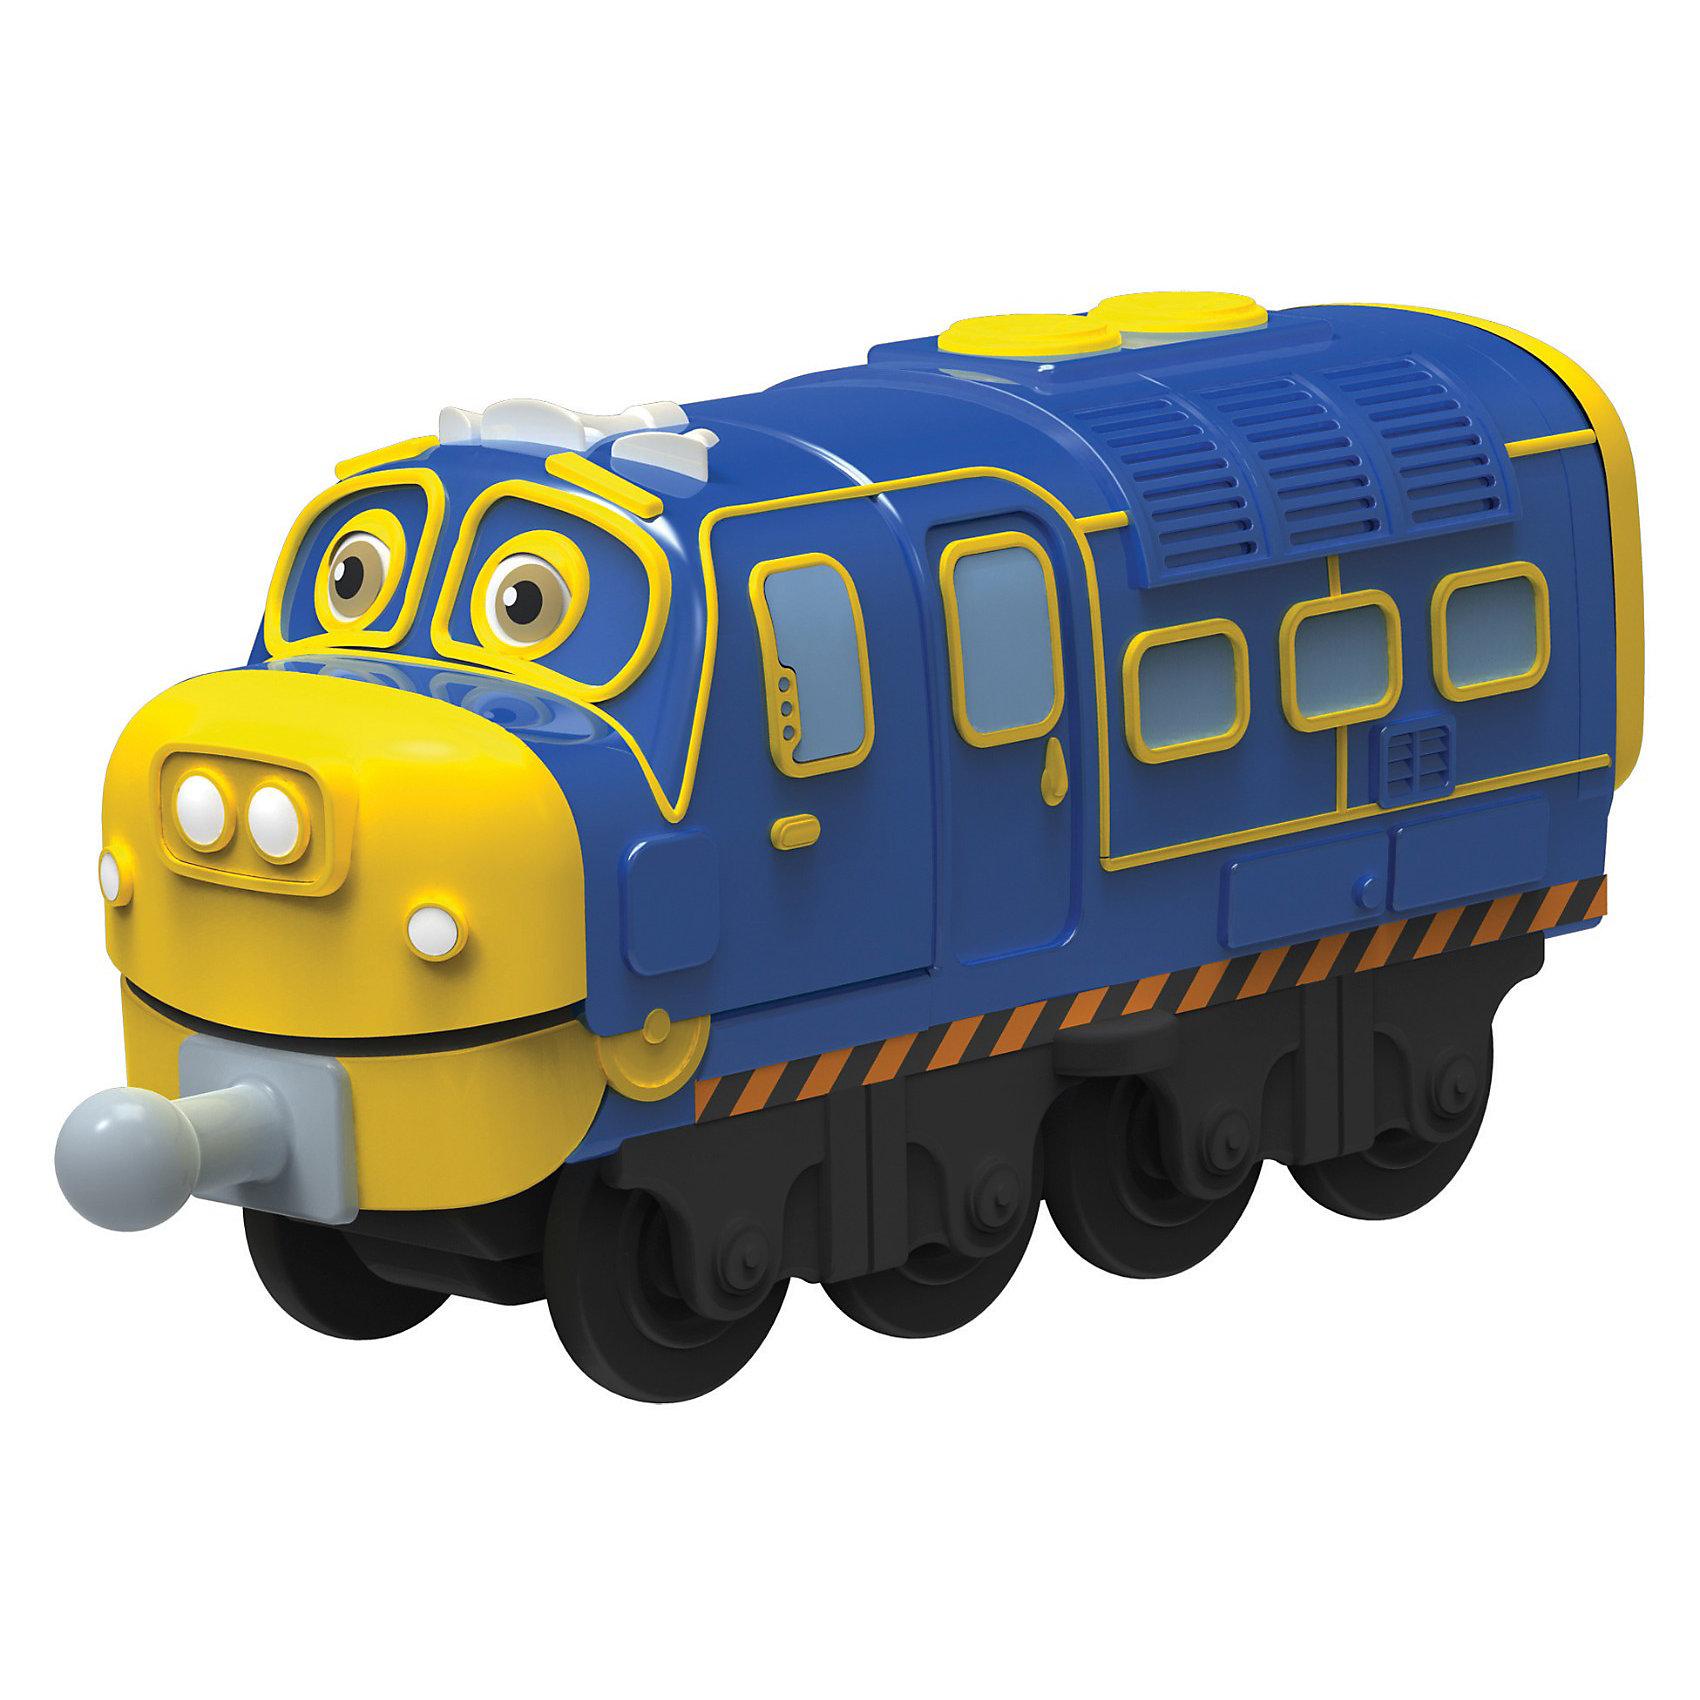 TOMY Паровозик Брюстер-инженер, Чаггингтон tomy набор паровозик коко в старом городе чаггингтон